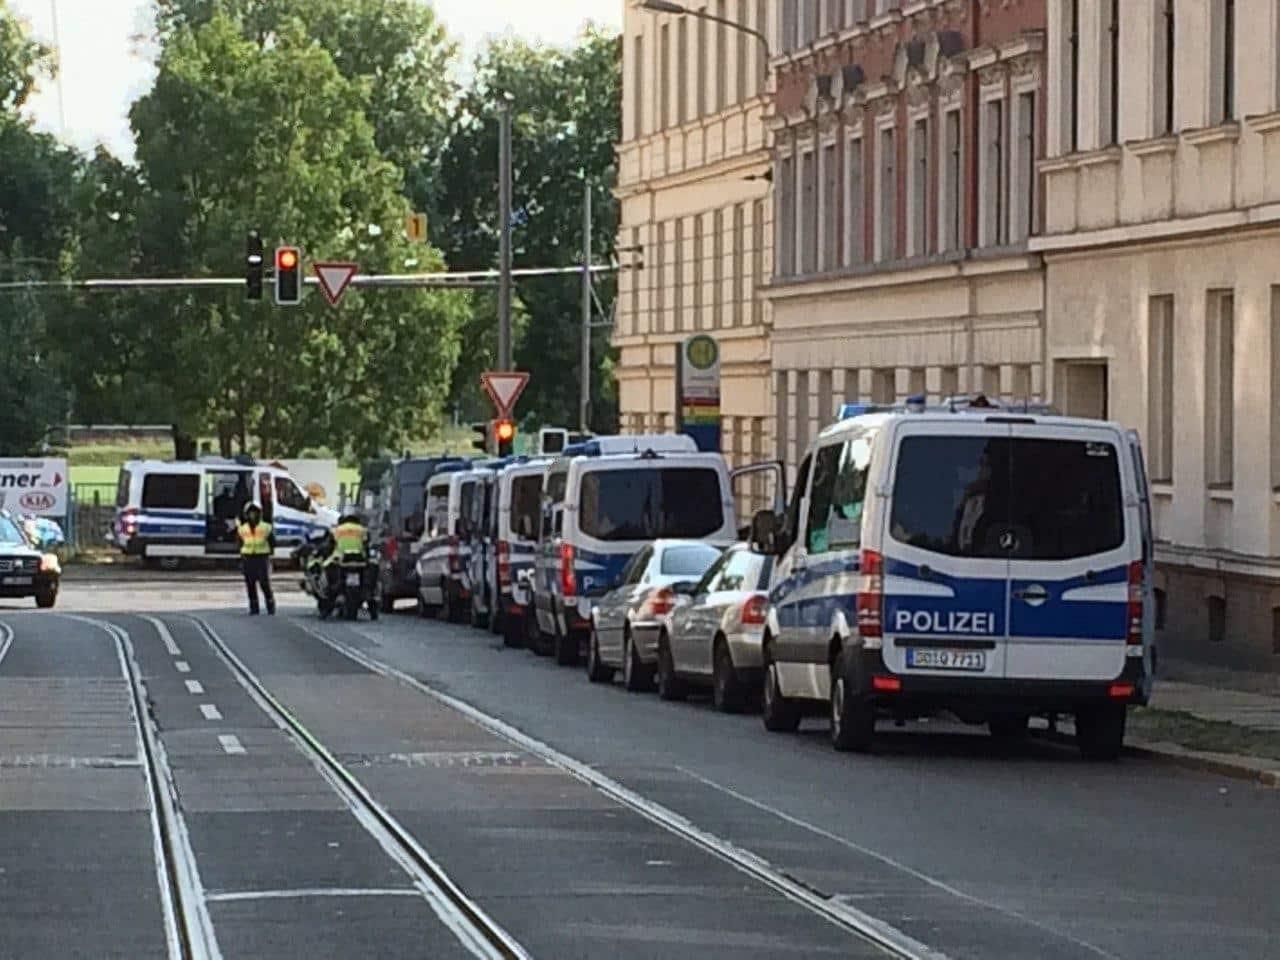 Kein so seltenes Bild an der Eisenbahnstraße: viel Polizei, wenig Erkenntnis. Foto: LZ